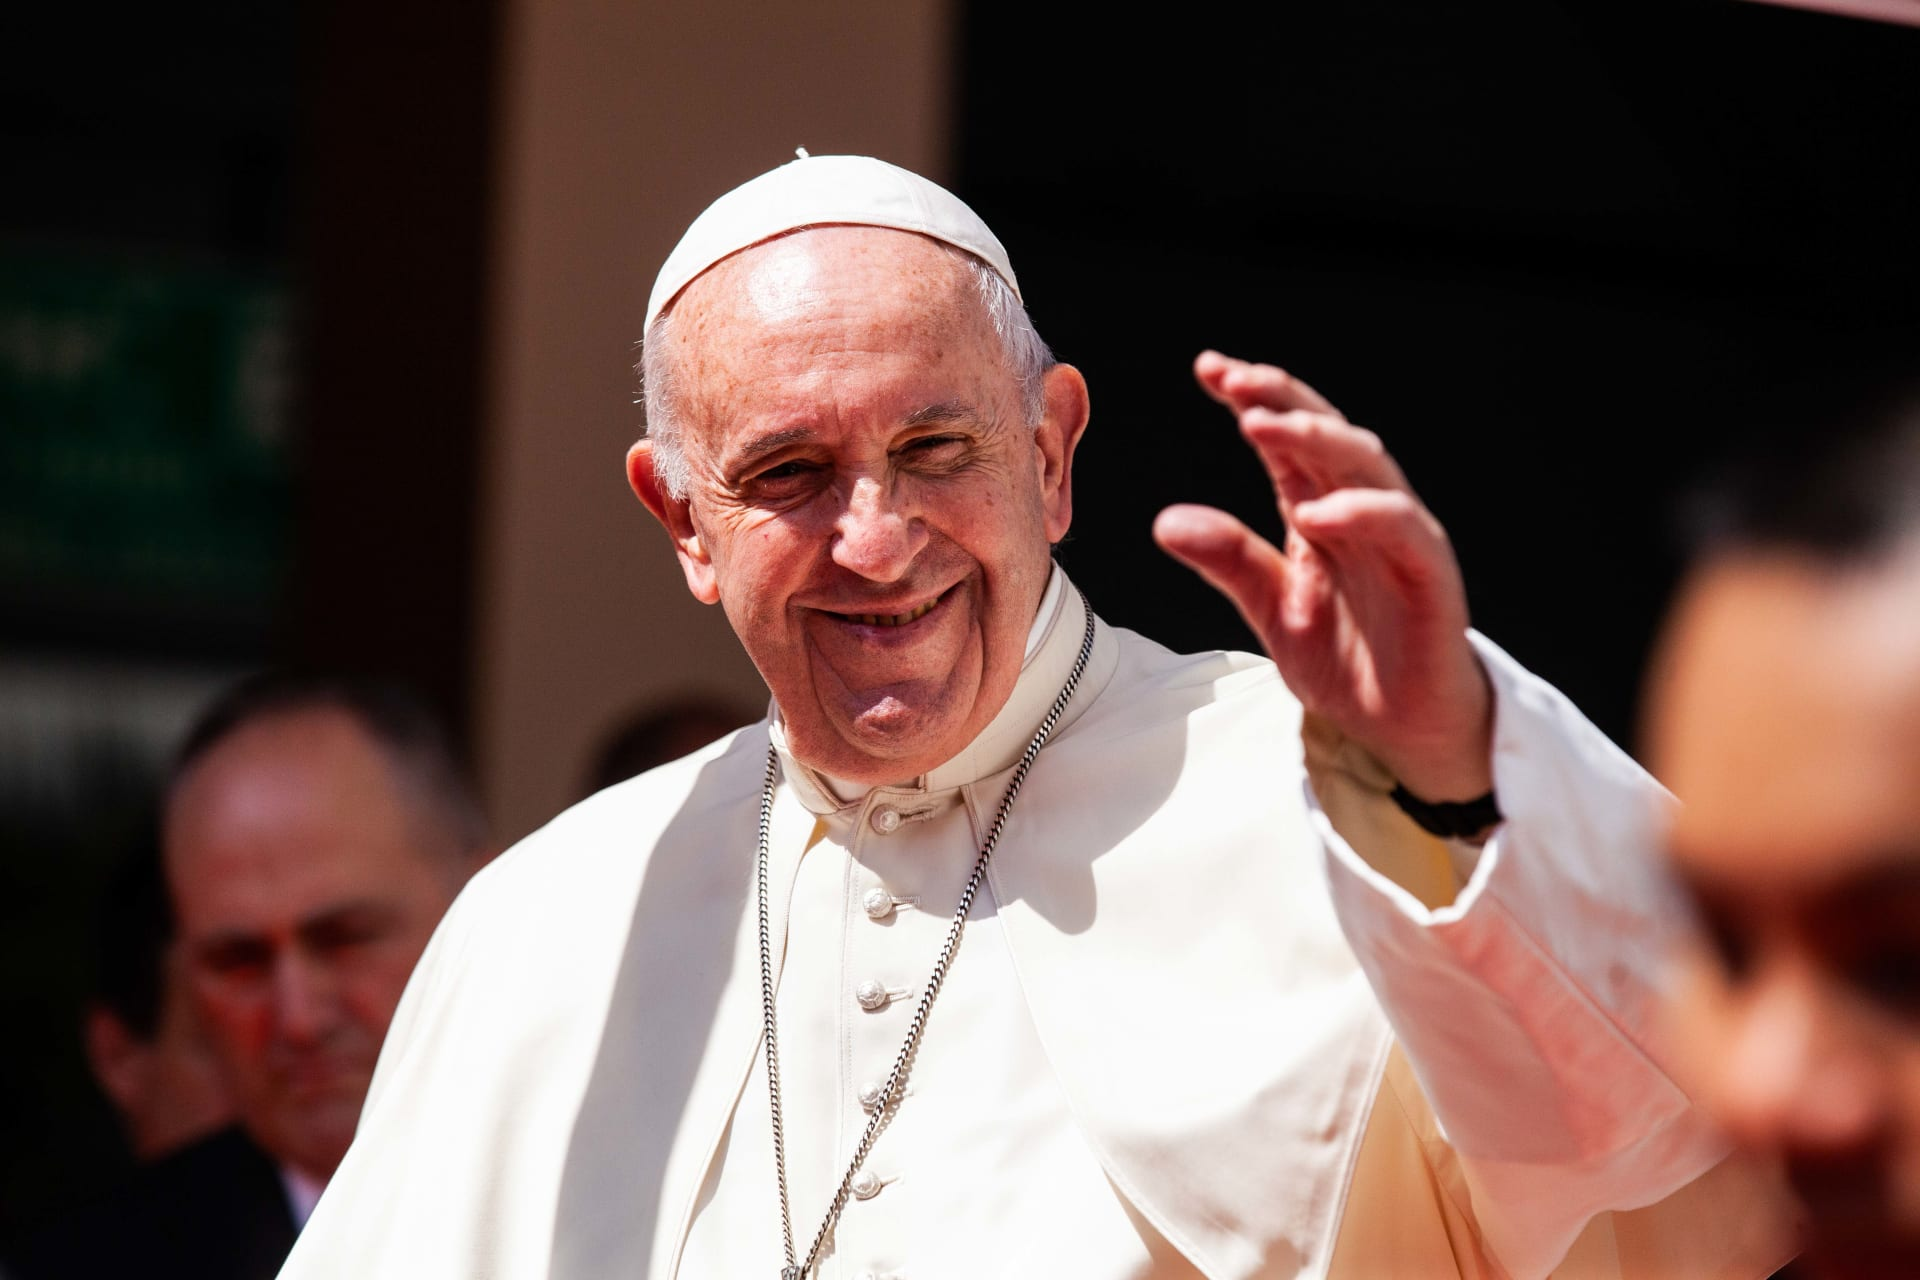 """بعد وصف البابا للمثليين بـ""""أبناء الله"""".. الفاتيكان يوضح: ليس تغييرا في عقيدة الكنيسة"""